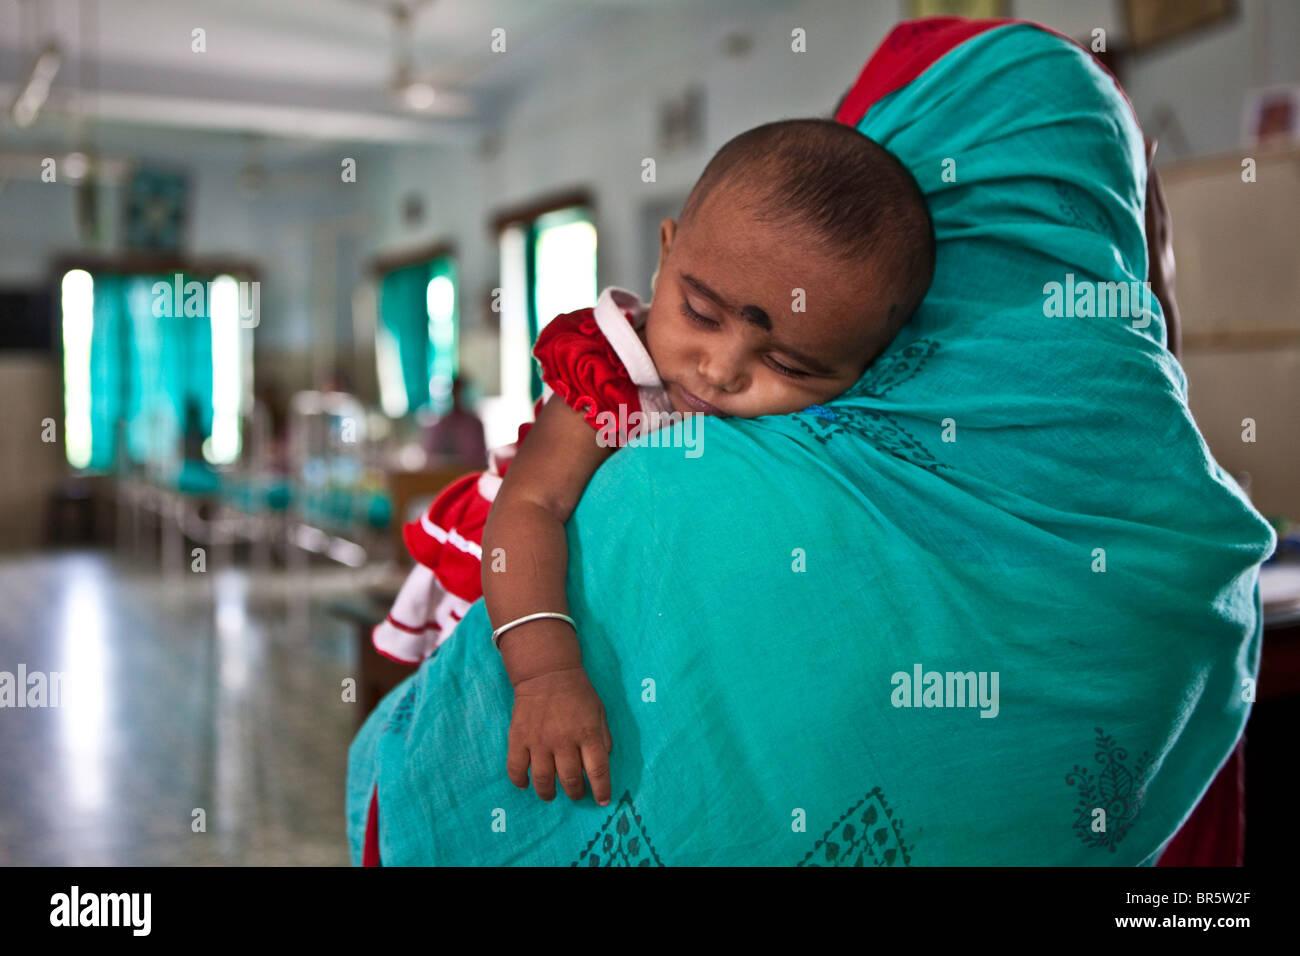 Una madre lleva a su bebé al niño necesitado Instituto urgencias. Led de ONGS de salud. Imagen De Stock